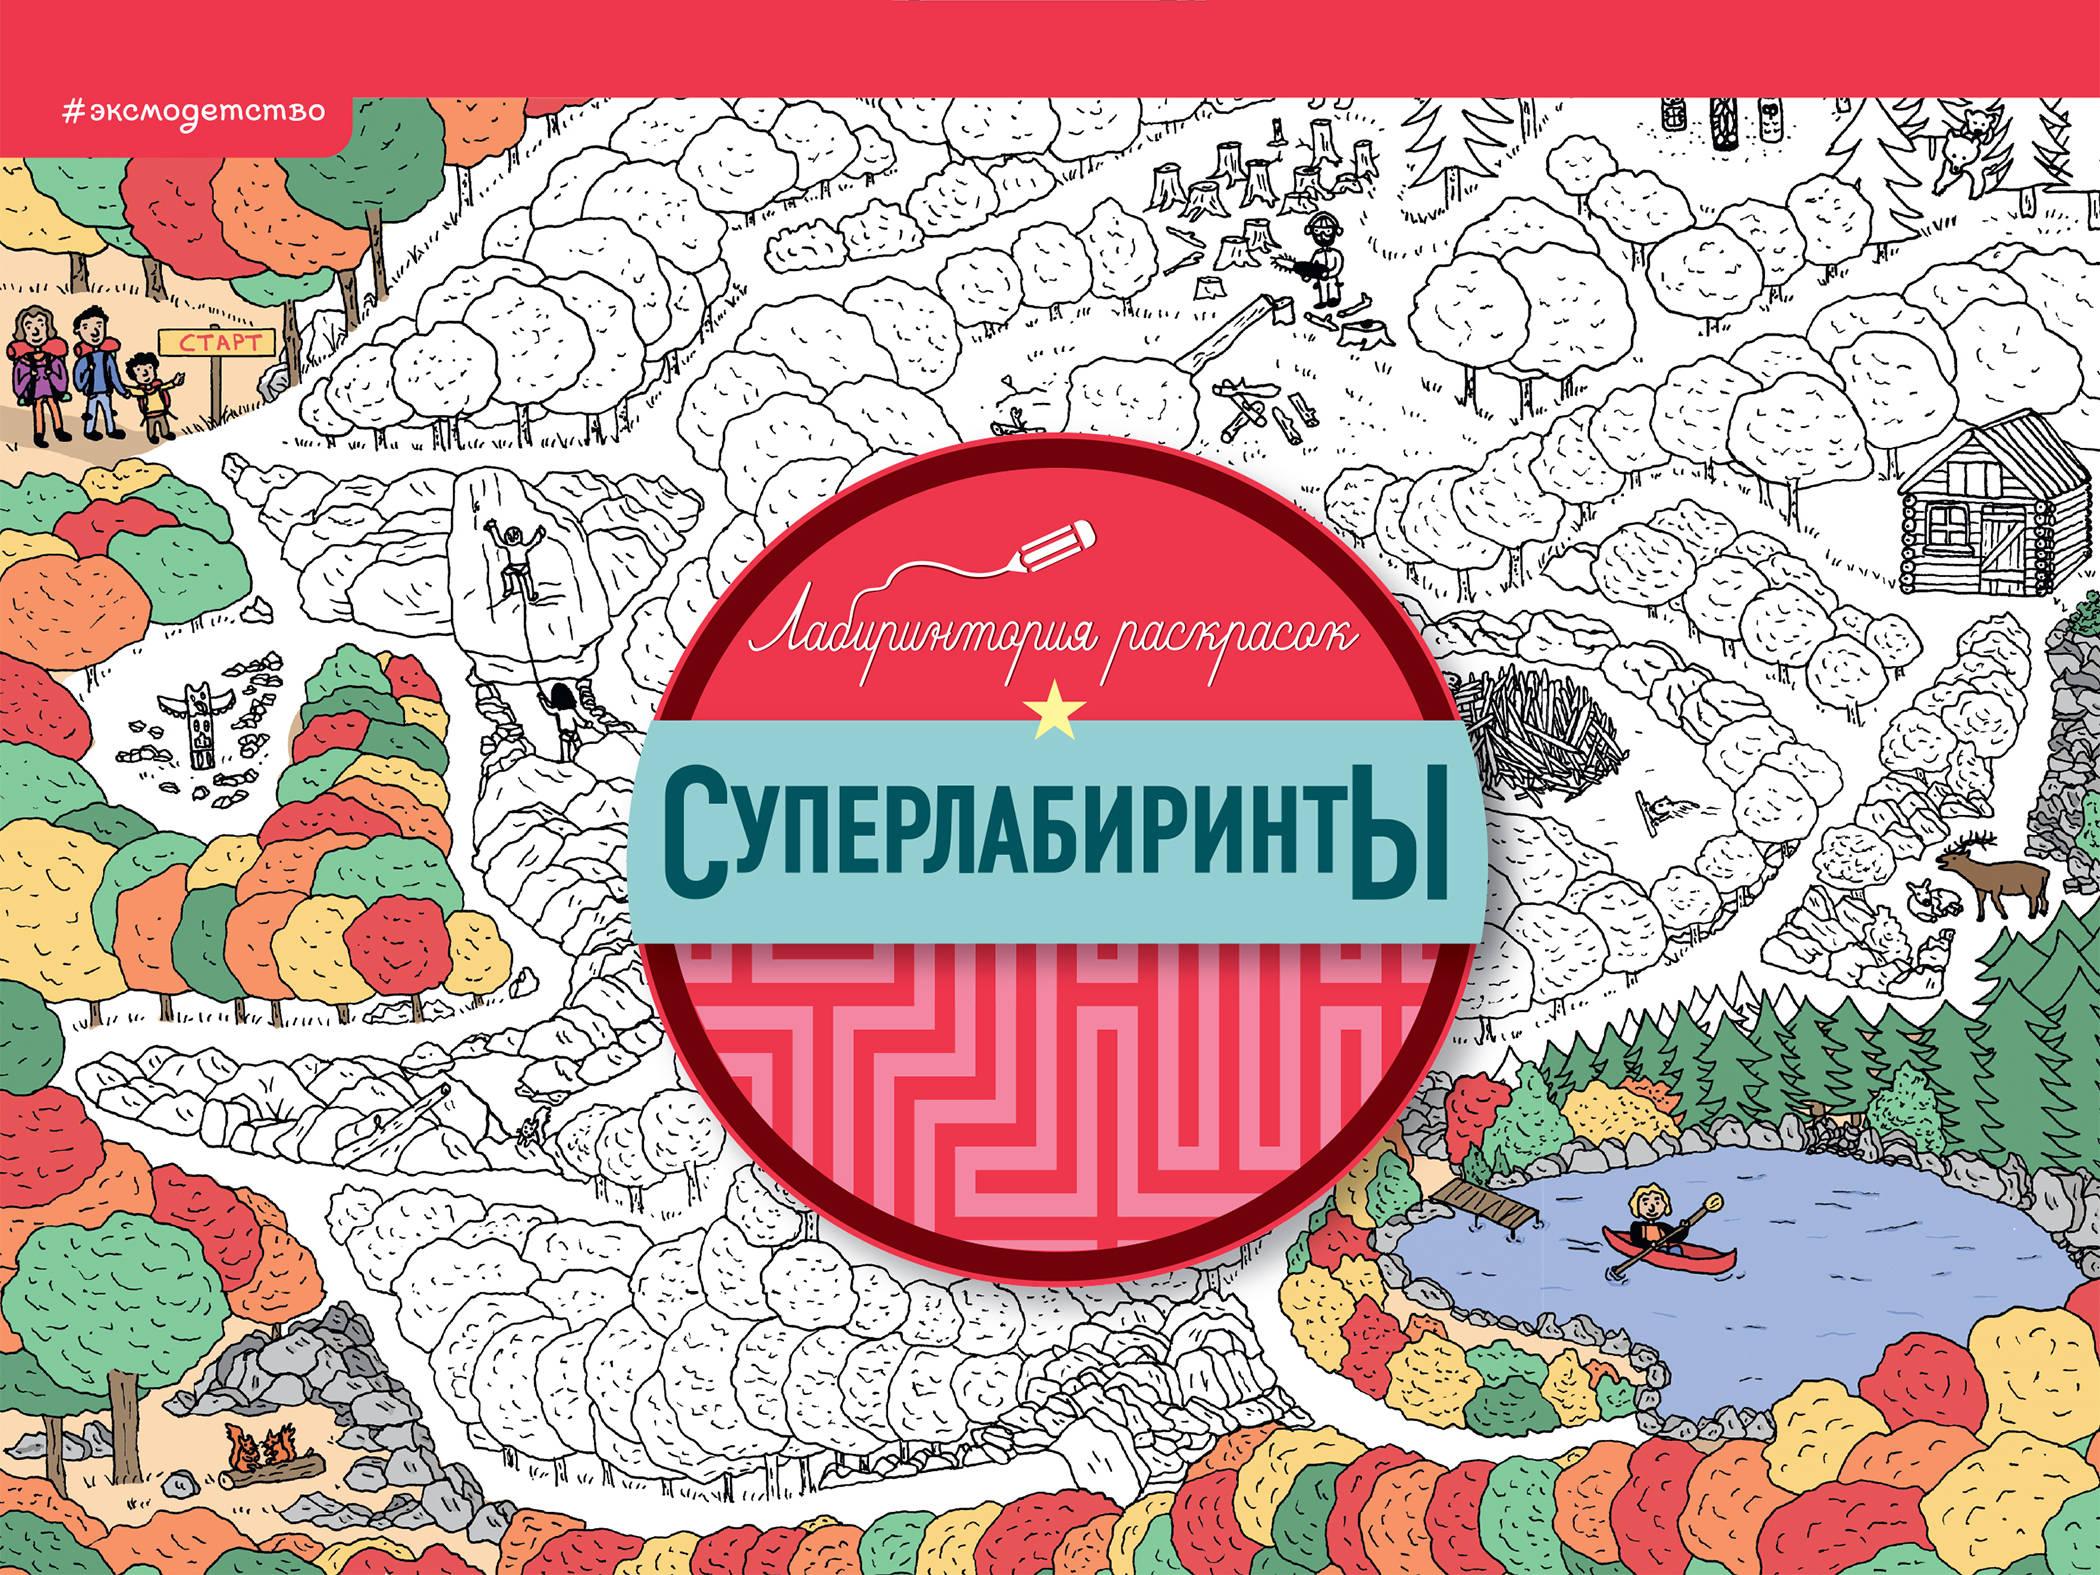 Суперлабиринты. Ю. С. Волченко